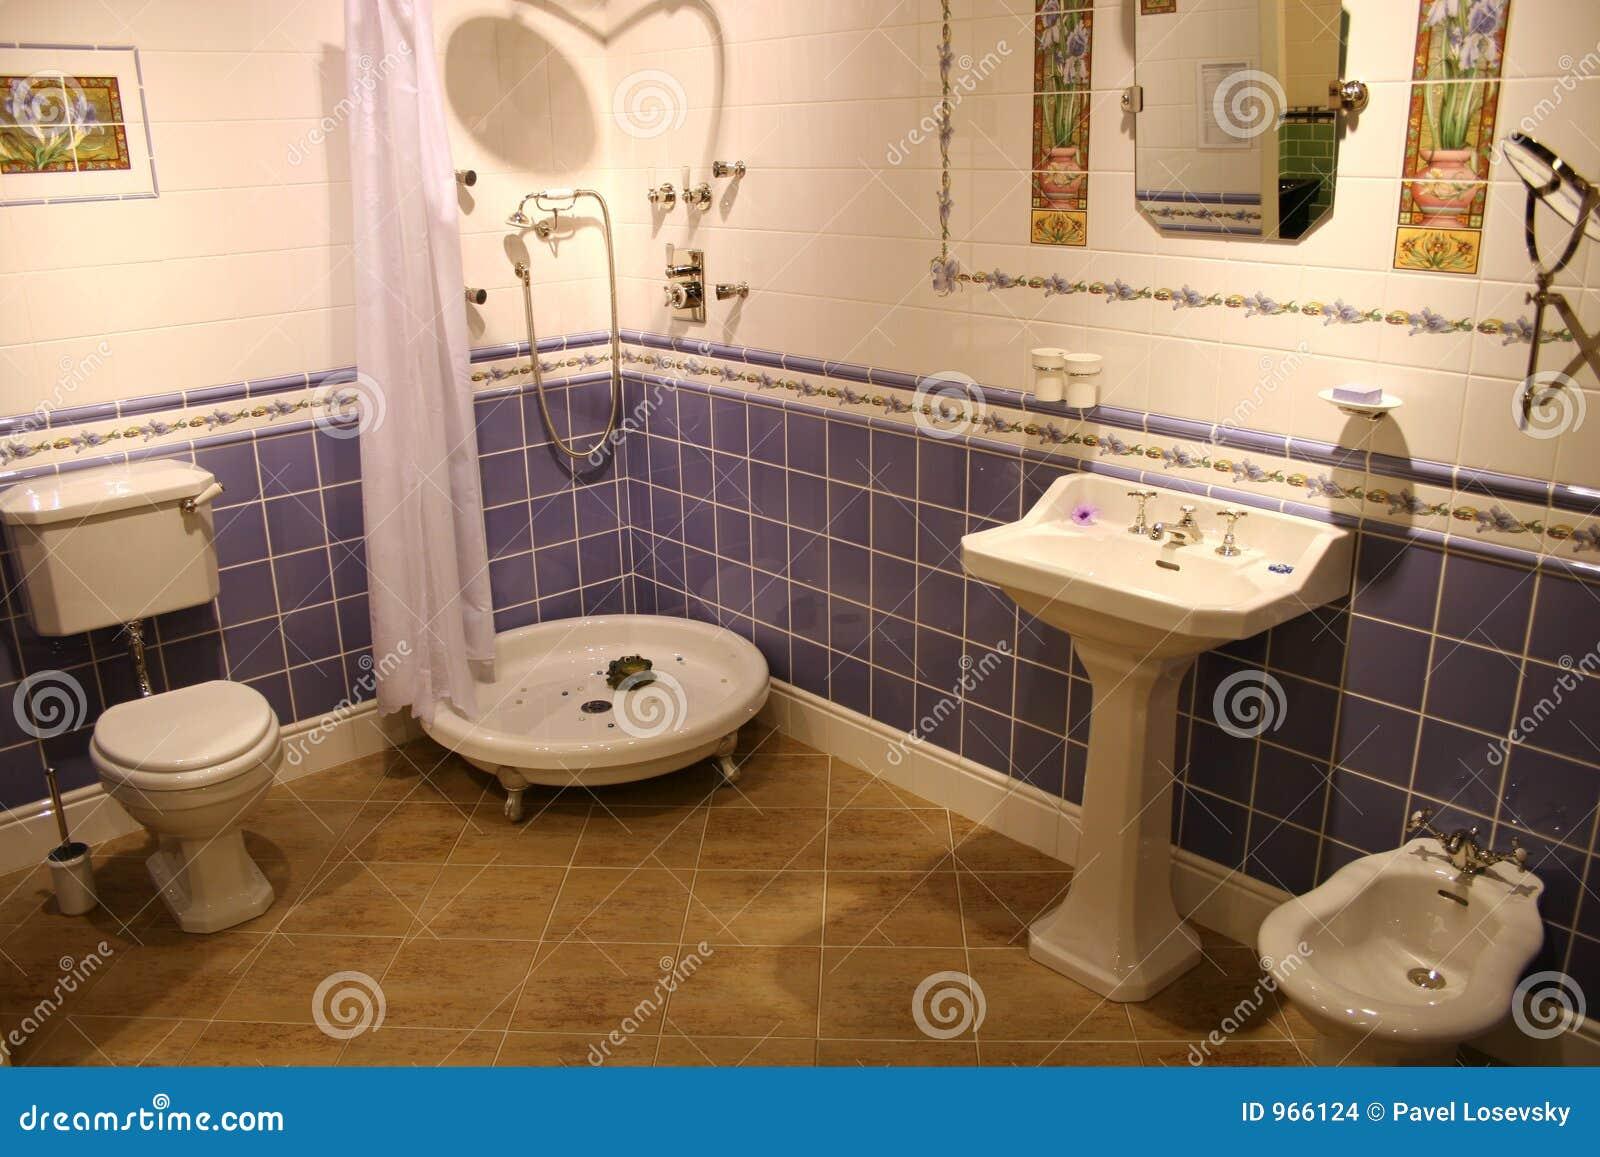 Трусики а ванной комнате фото 7 фотография